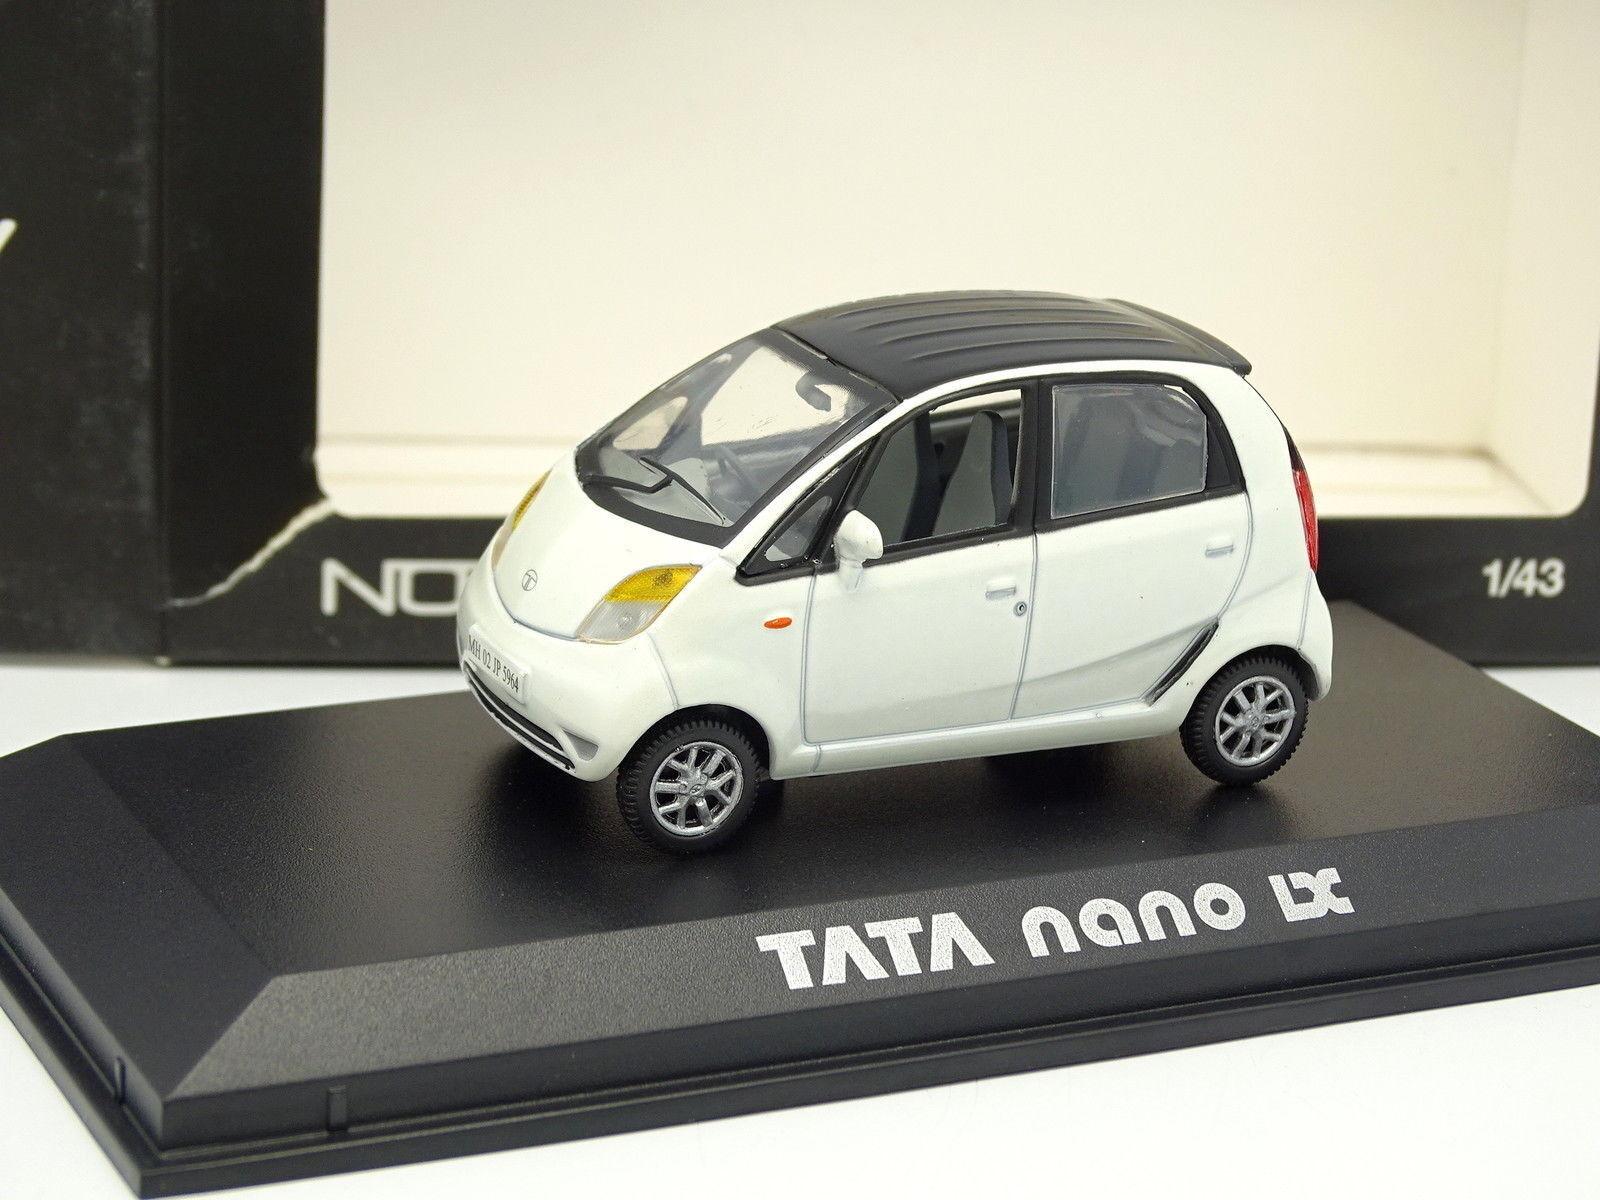 Norev 1 43 - Tata Nano Nano Nano LX Bianco c4ac6e